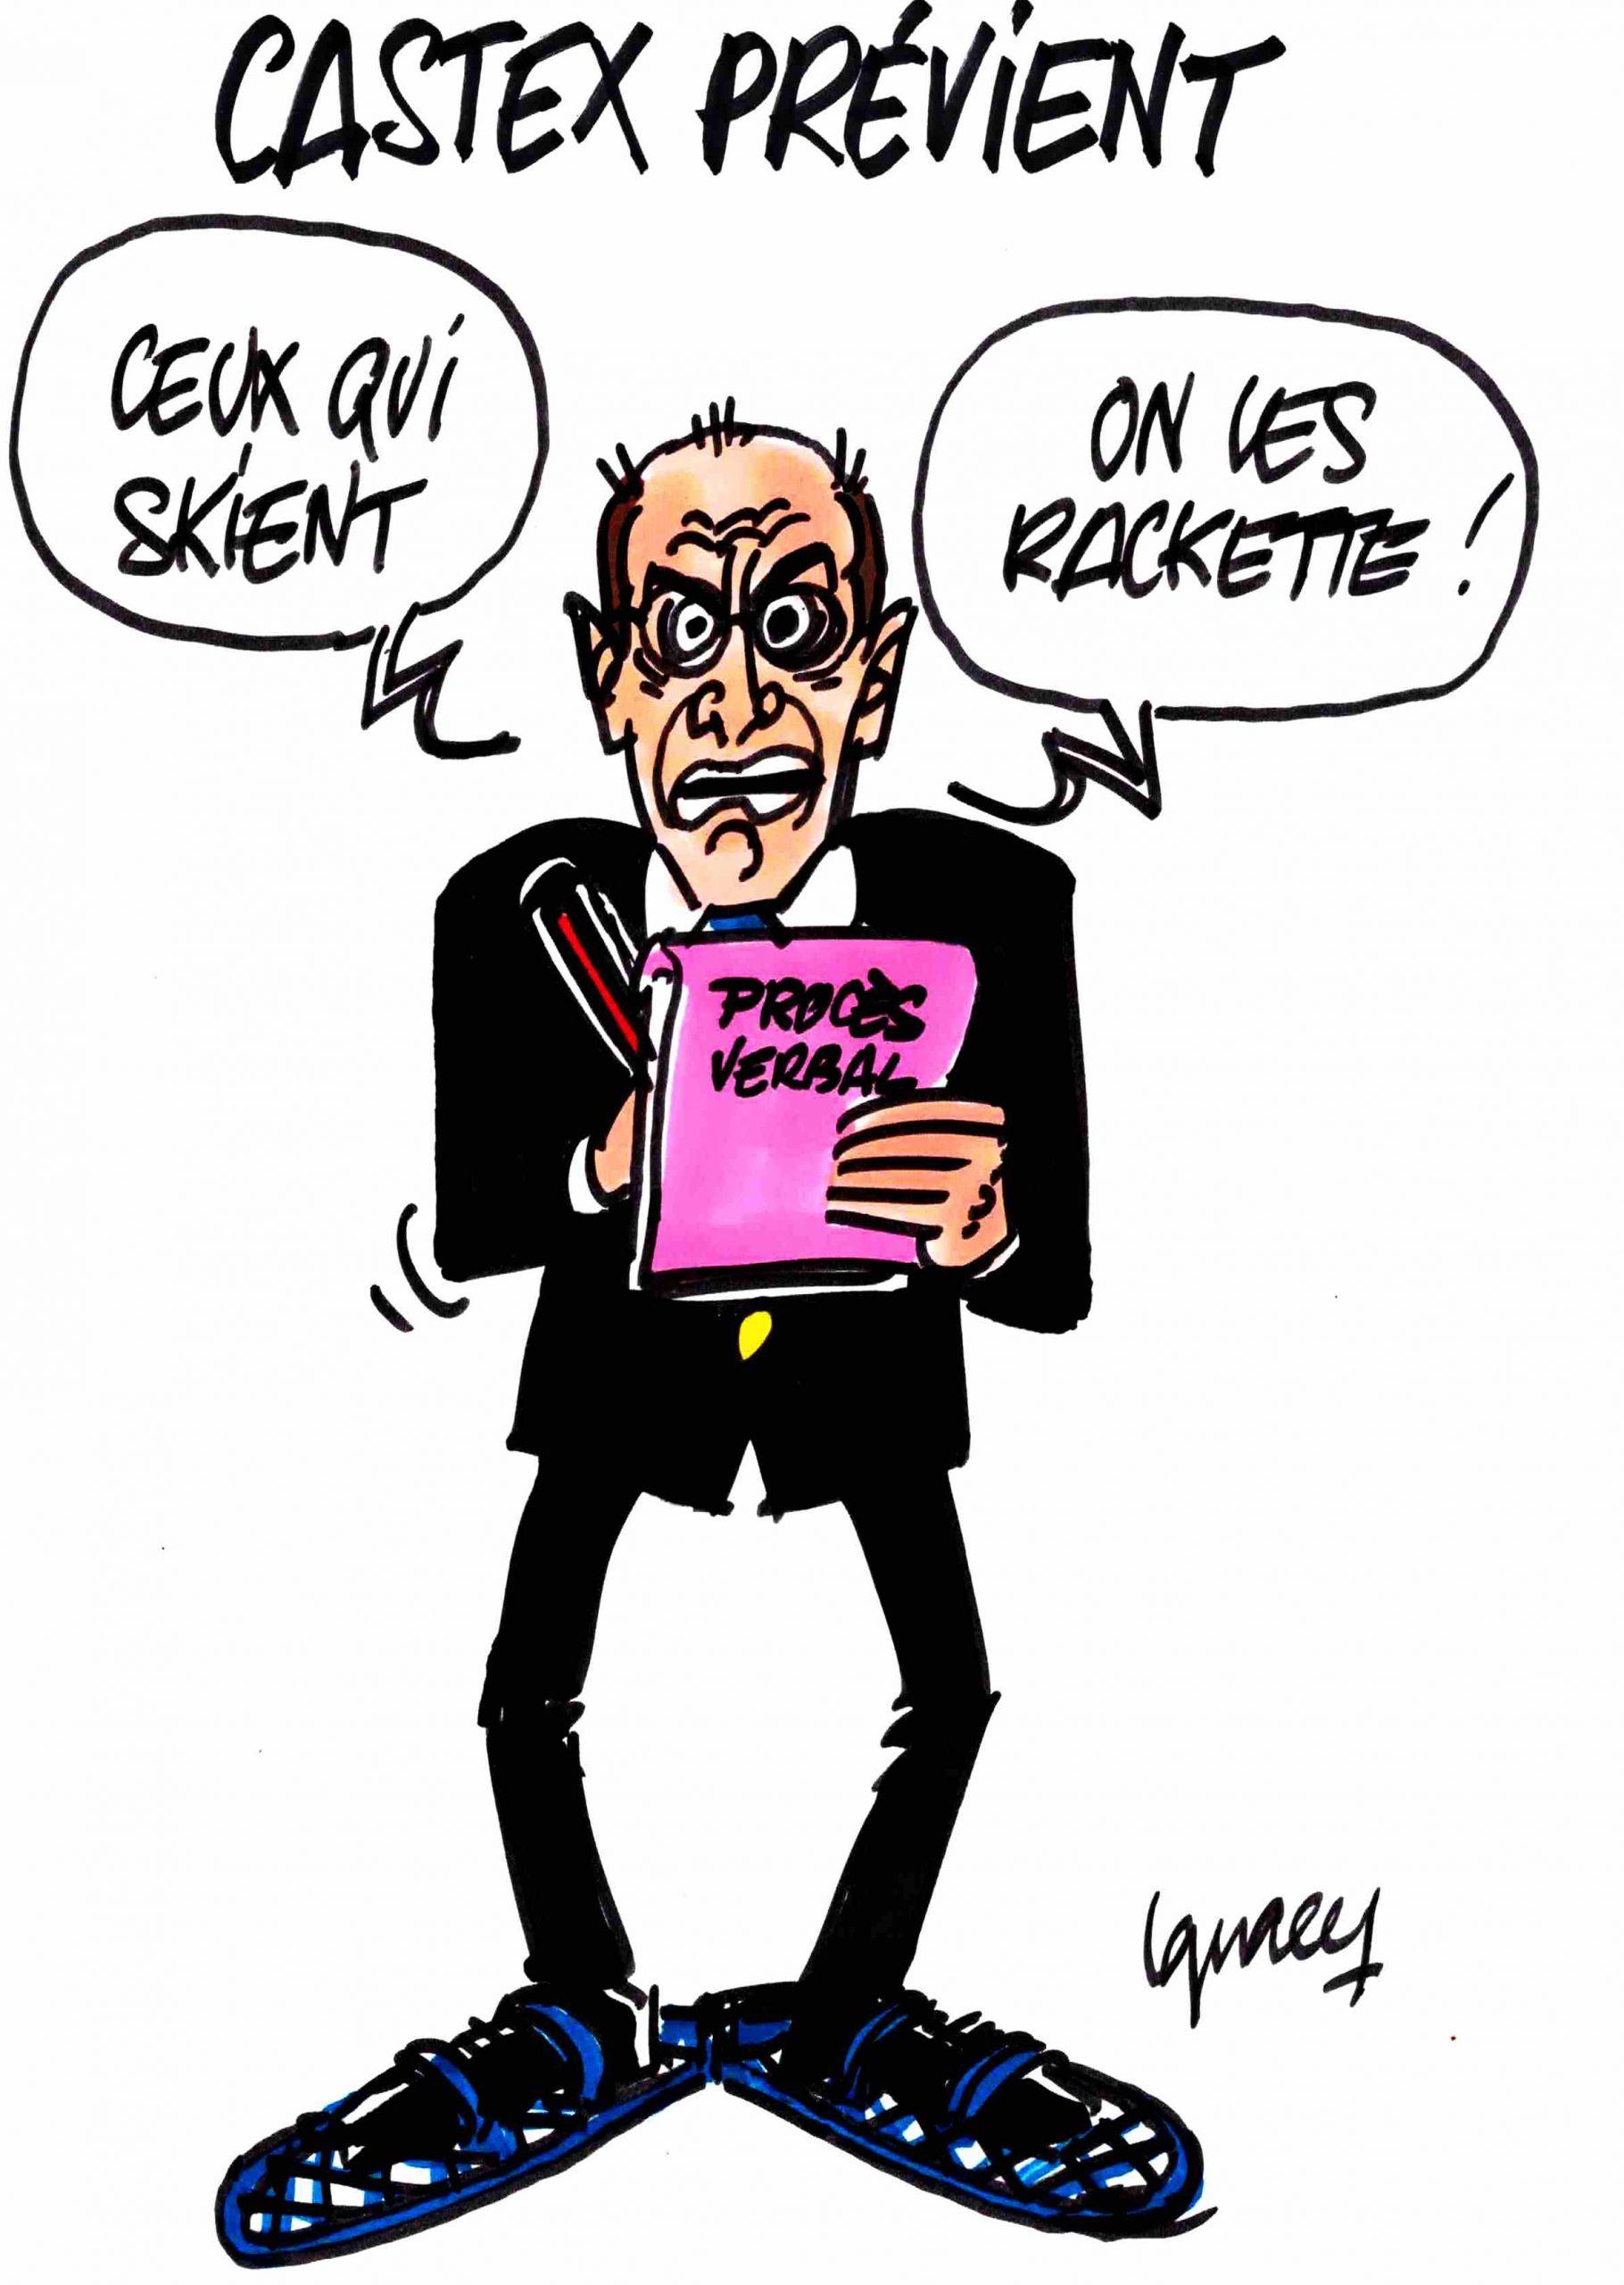 Ignace - Castex prévient...